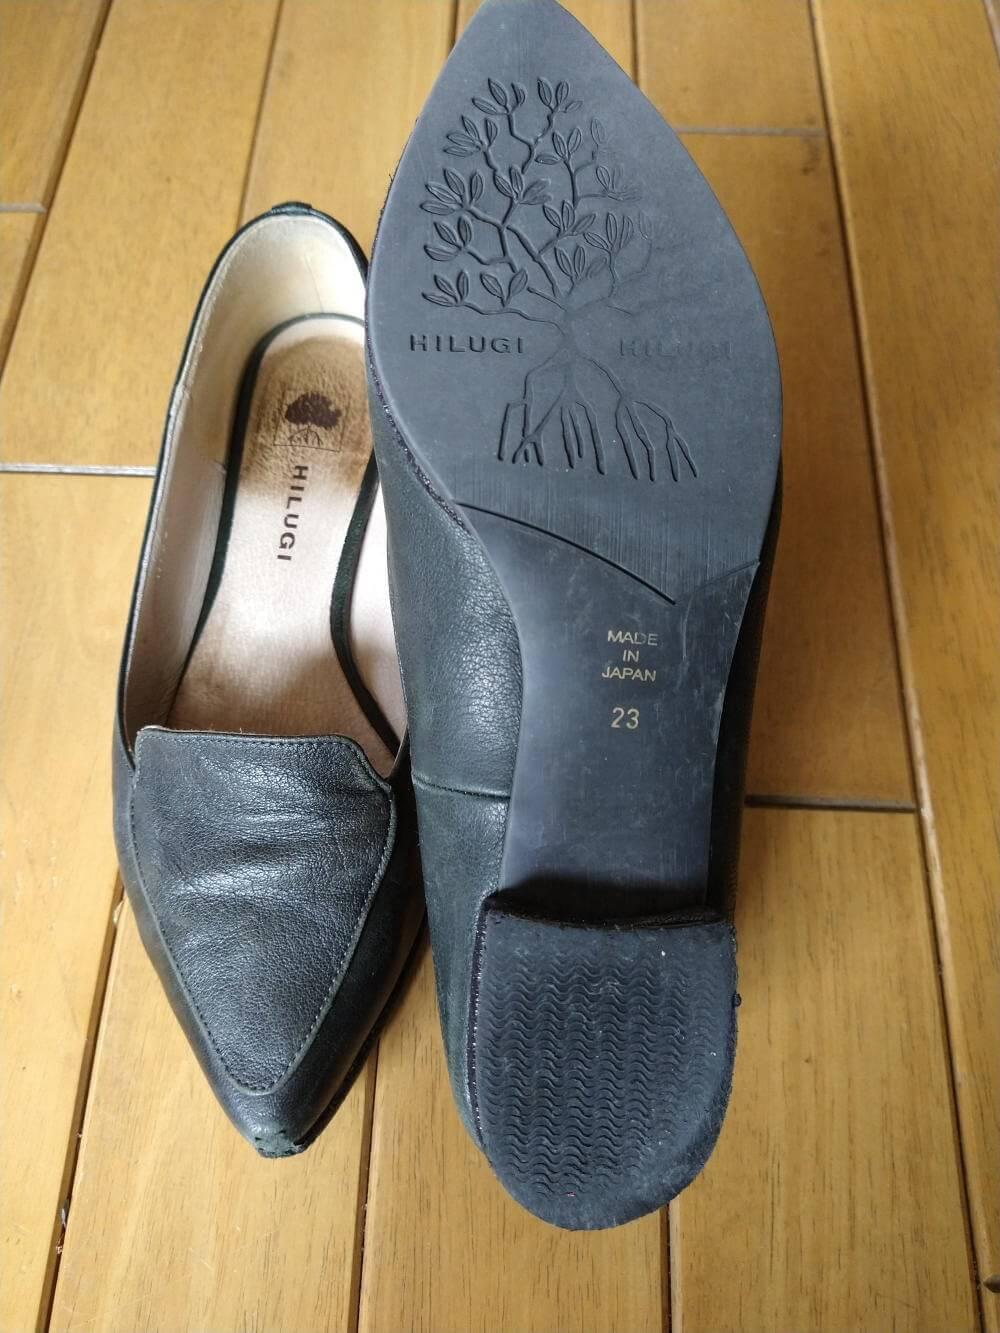 アッパー補修&ソール剥がれ&トップリフト交換の靴修理